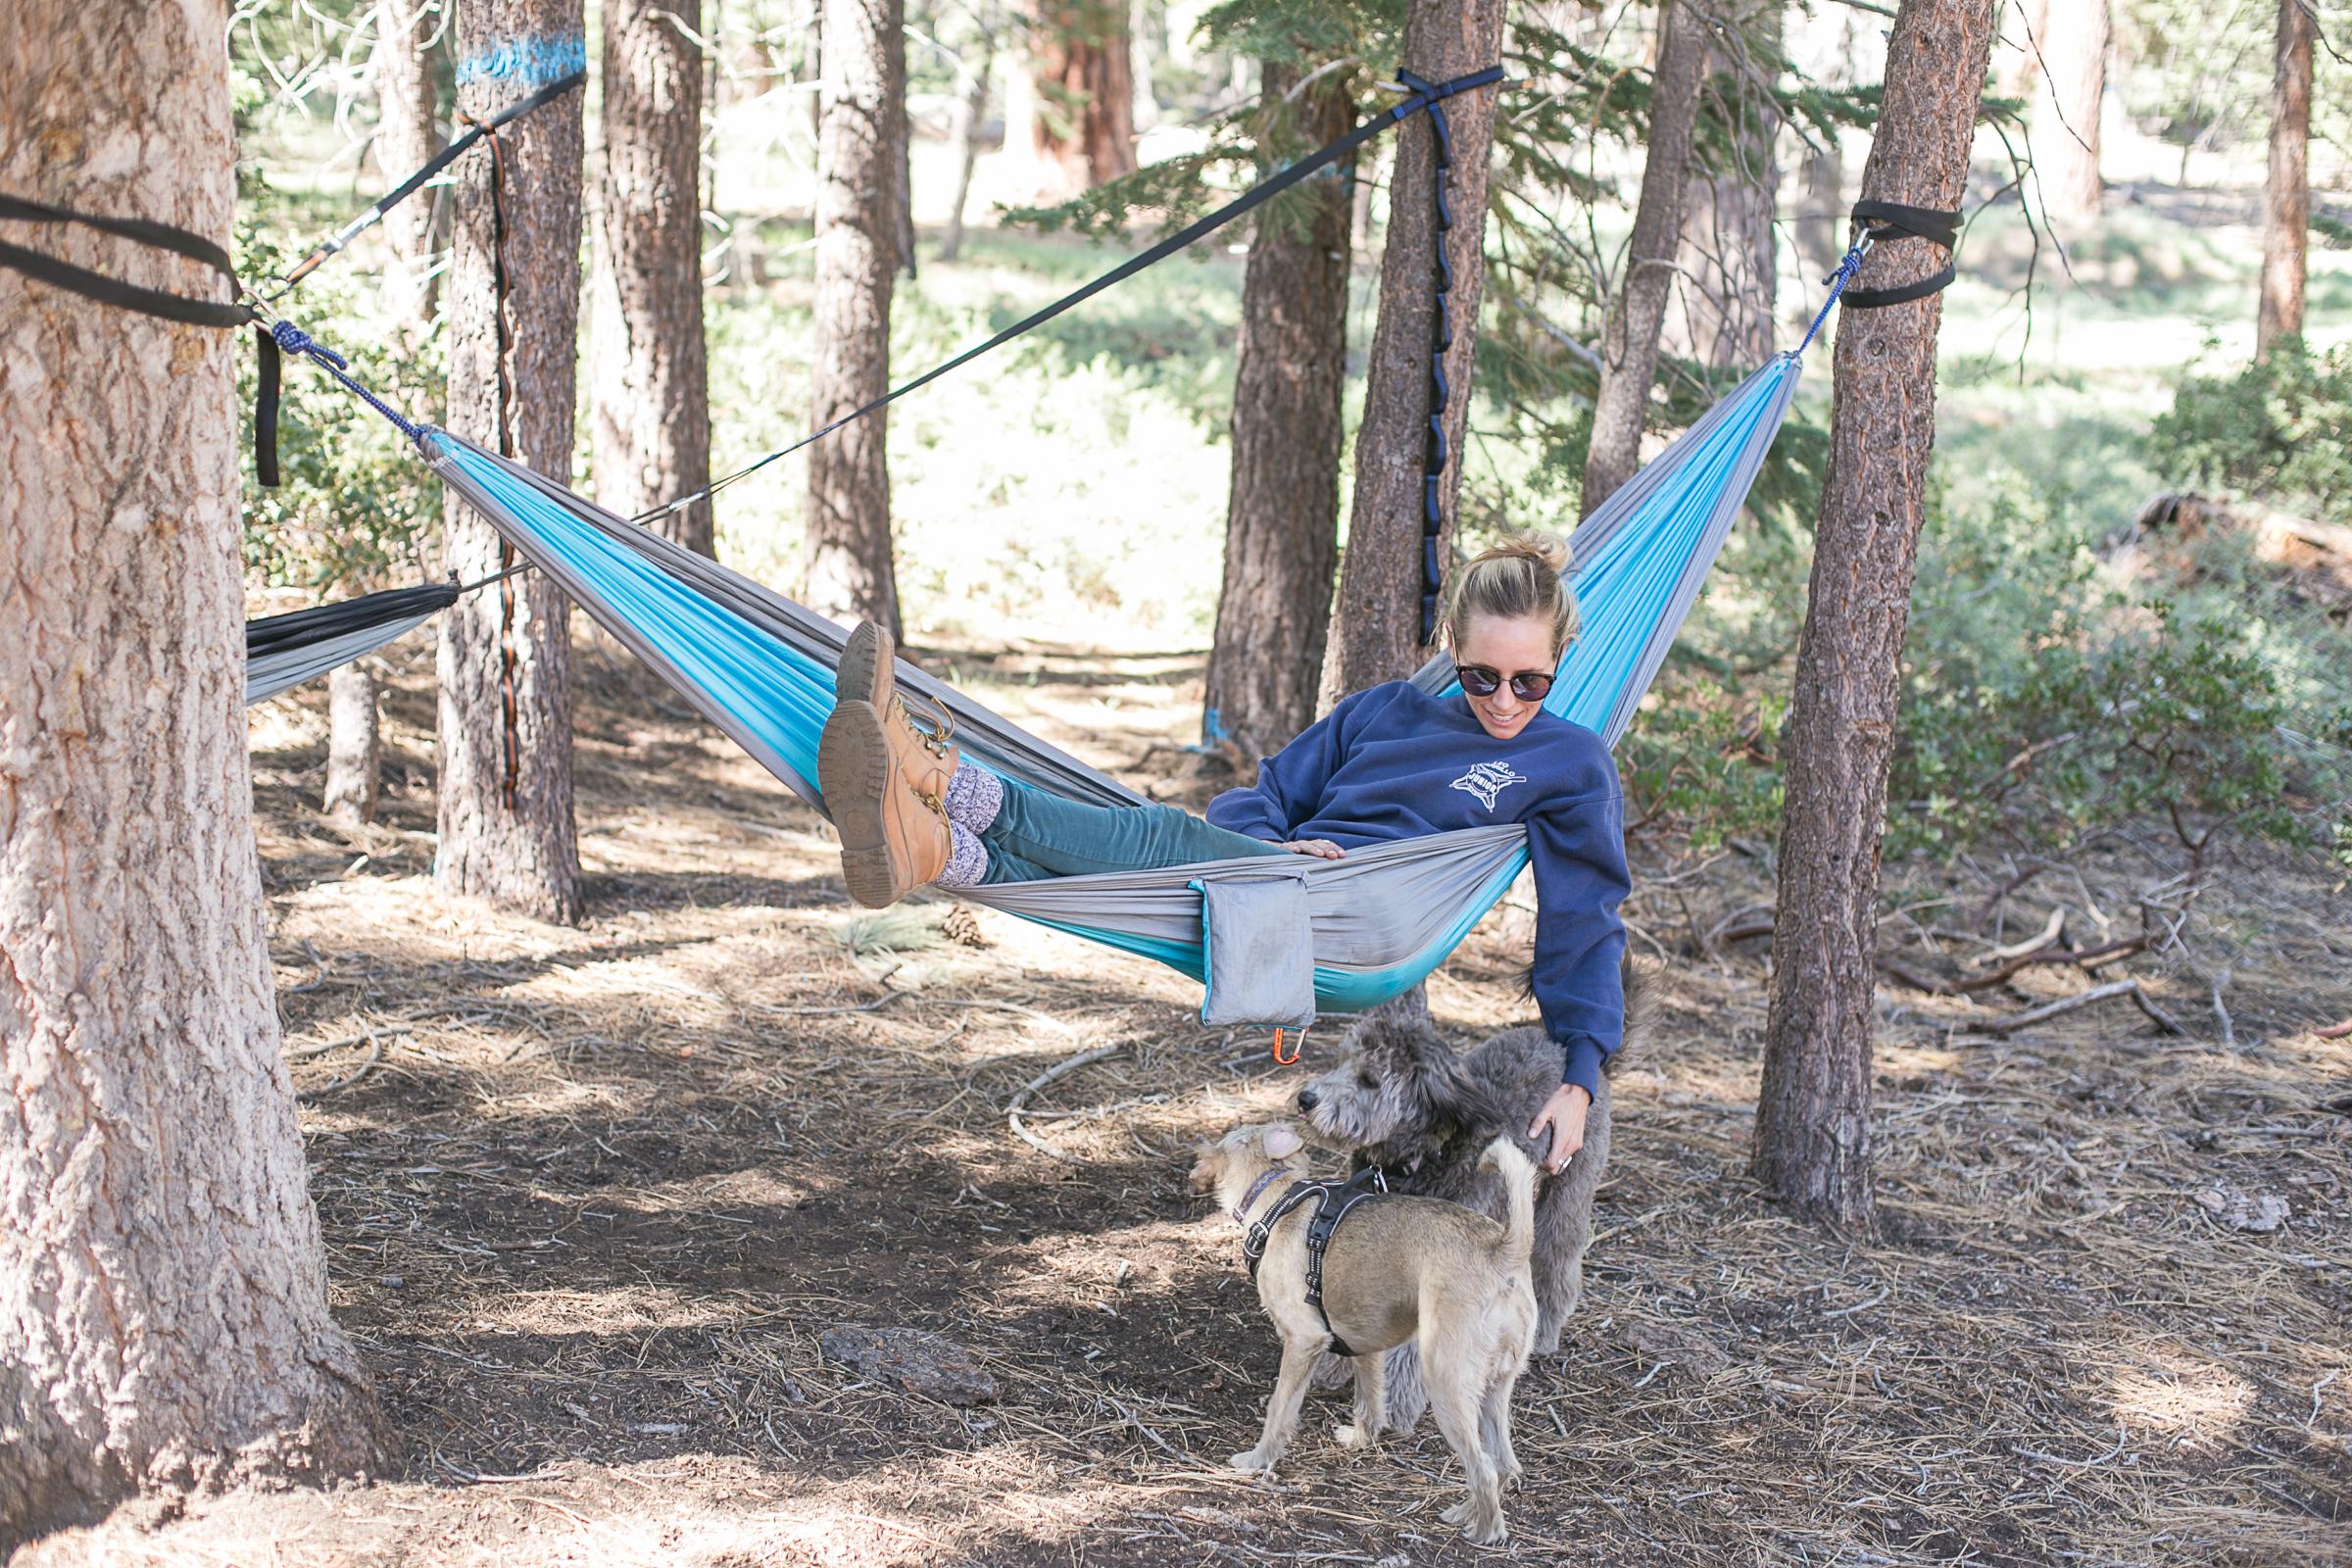 Big Bear_Lake_Camping_Trip_2017-50.jpg